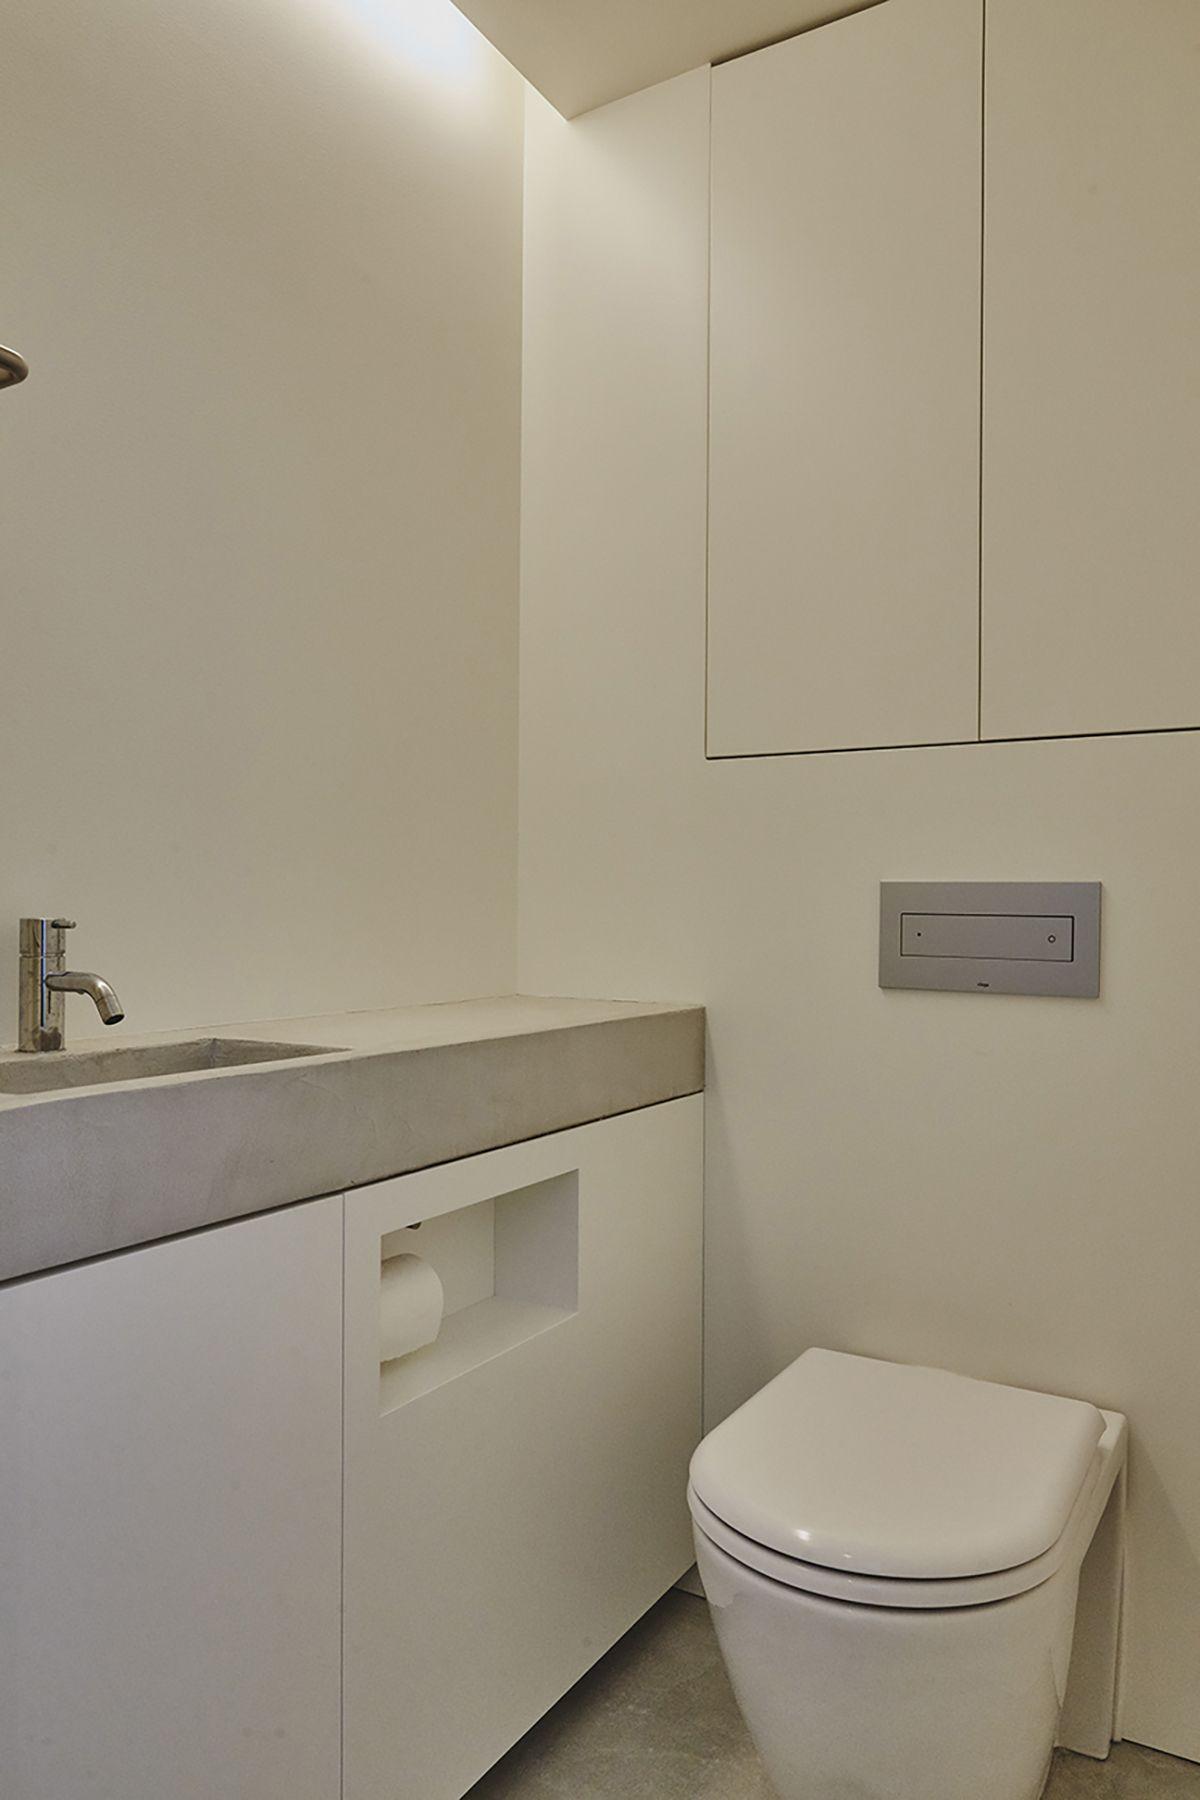 桜新町の家/個人宅 (サクラシンマチノイエ)1F トイレ